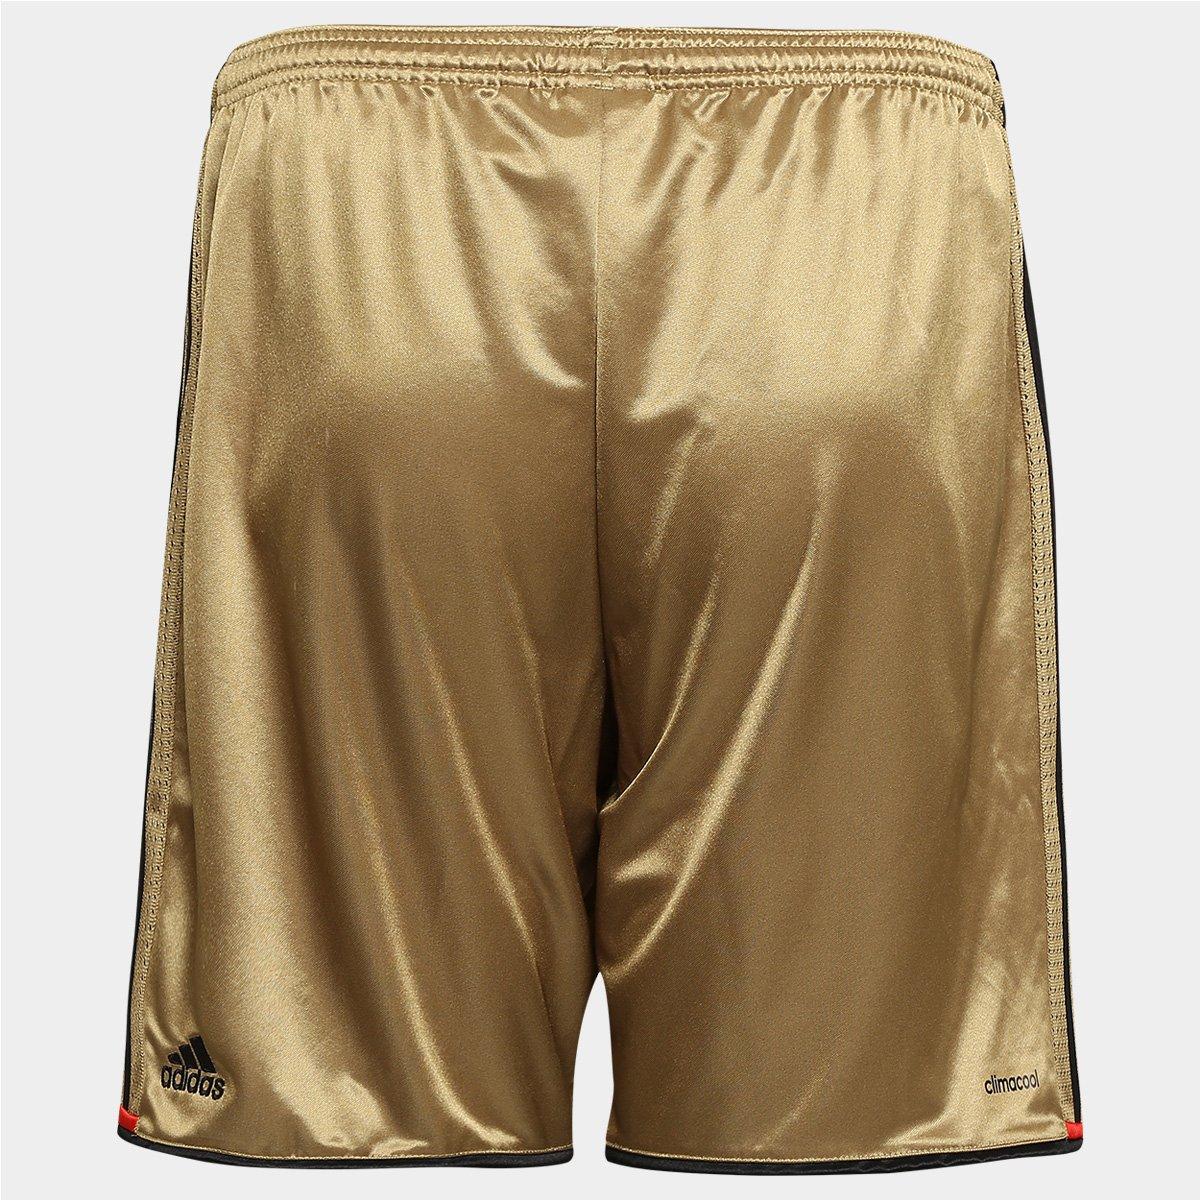 Calção Sport Recife 2016 Adidas Masculino - Dourado - Compre Agora ... 3e0d728e4de32